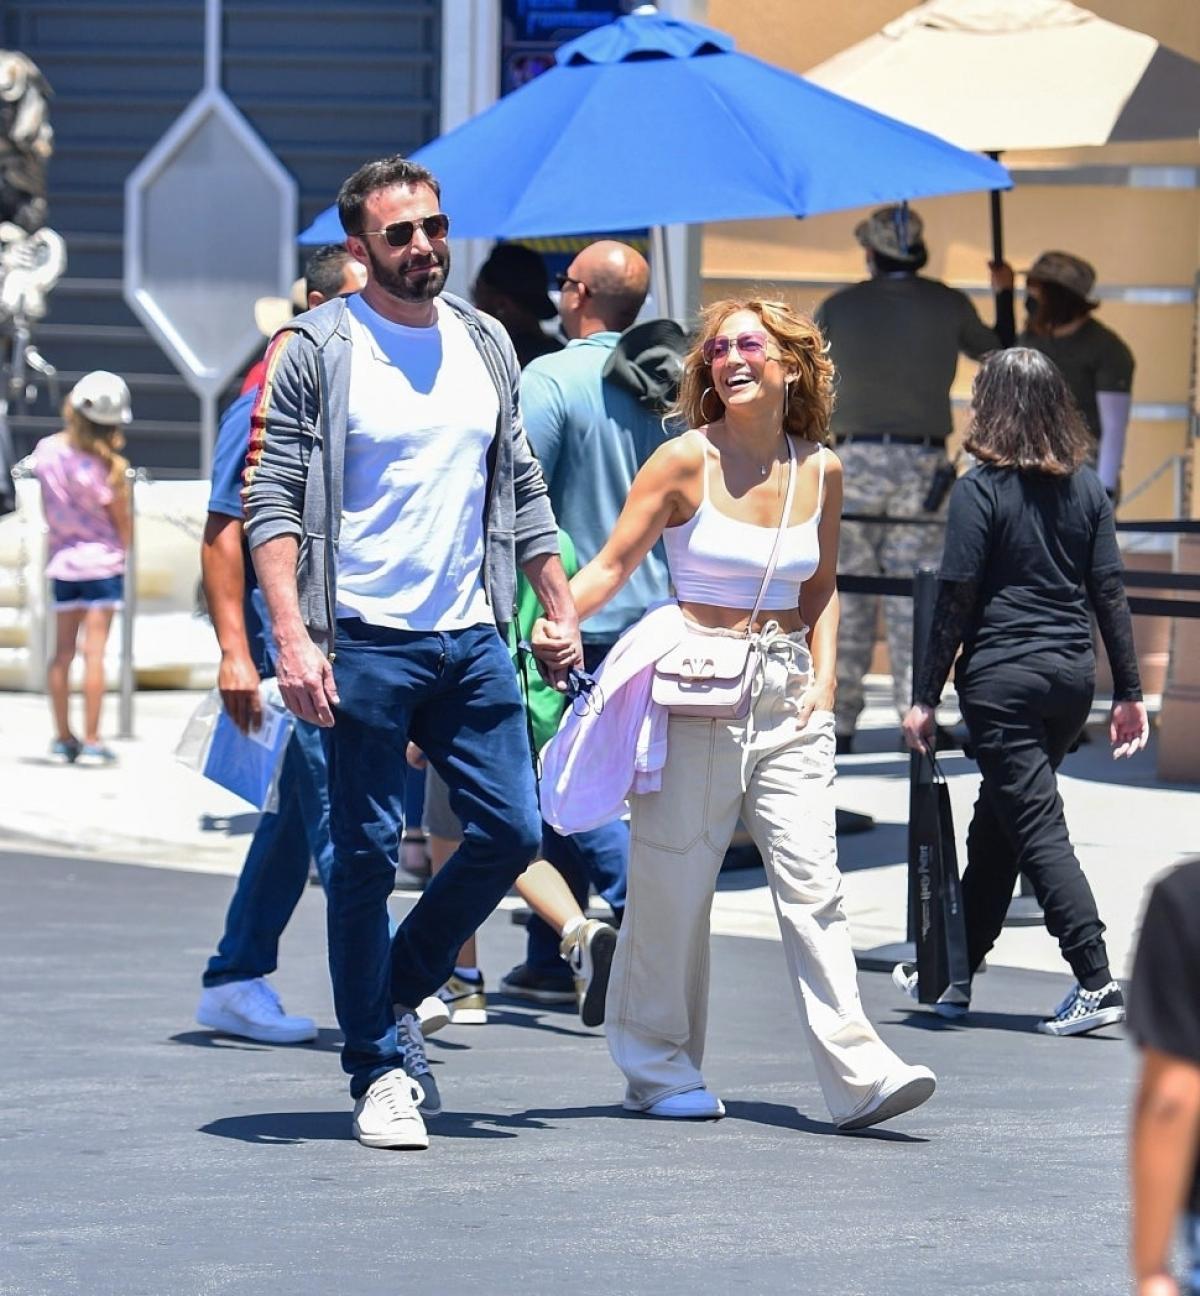 Lần đầu tiên sau nhiều năm, họ được phát hiện dành thời gian bên nhau vào tháng 4 năm nay, sau khi Jennifer Lopez chia tay Alex Rodriguez. Kể từ đó, hai ngôi sao thường xuyên bị bắt gặp đi chơi cùng nhau và dành thời gian cho các con của nhau. Nguồn: Backgrid./.